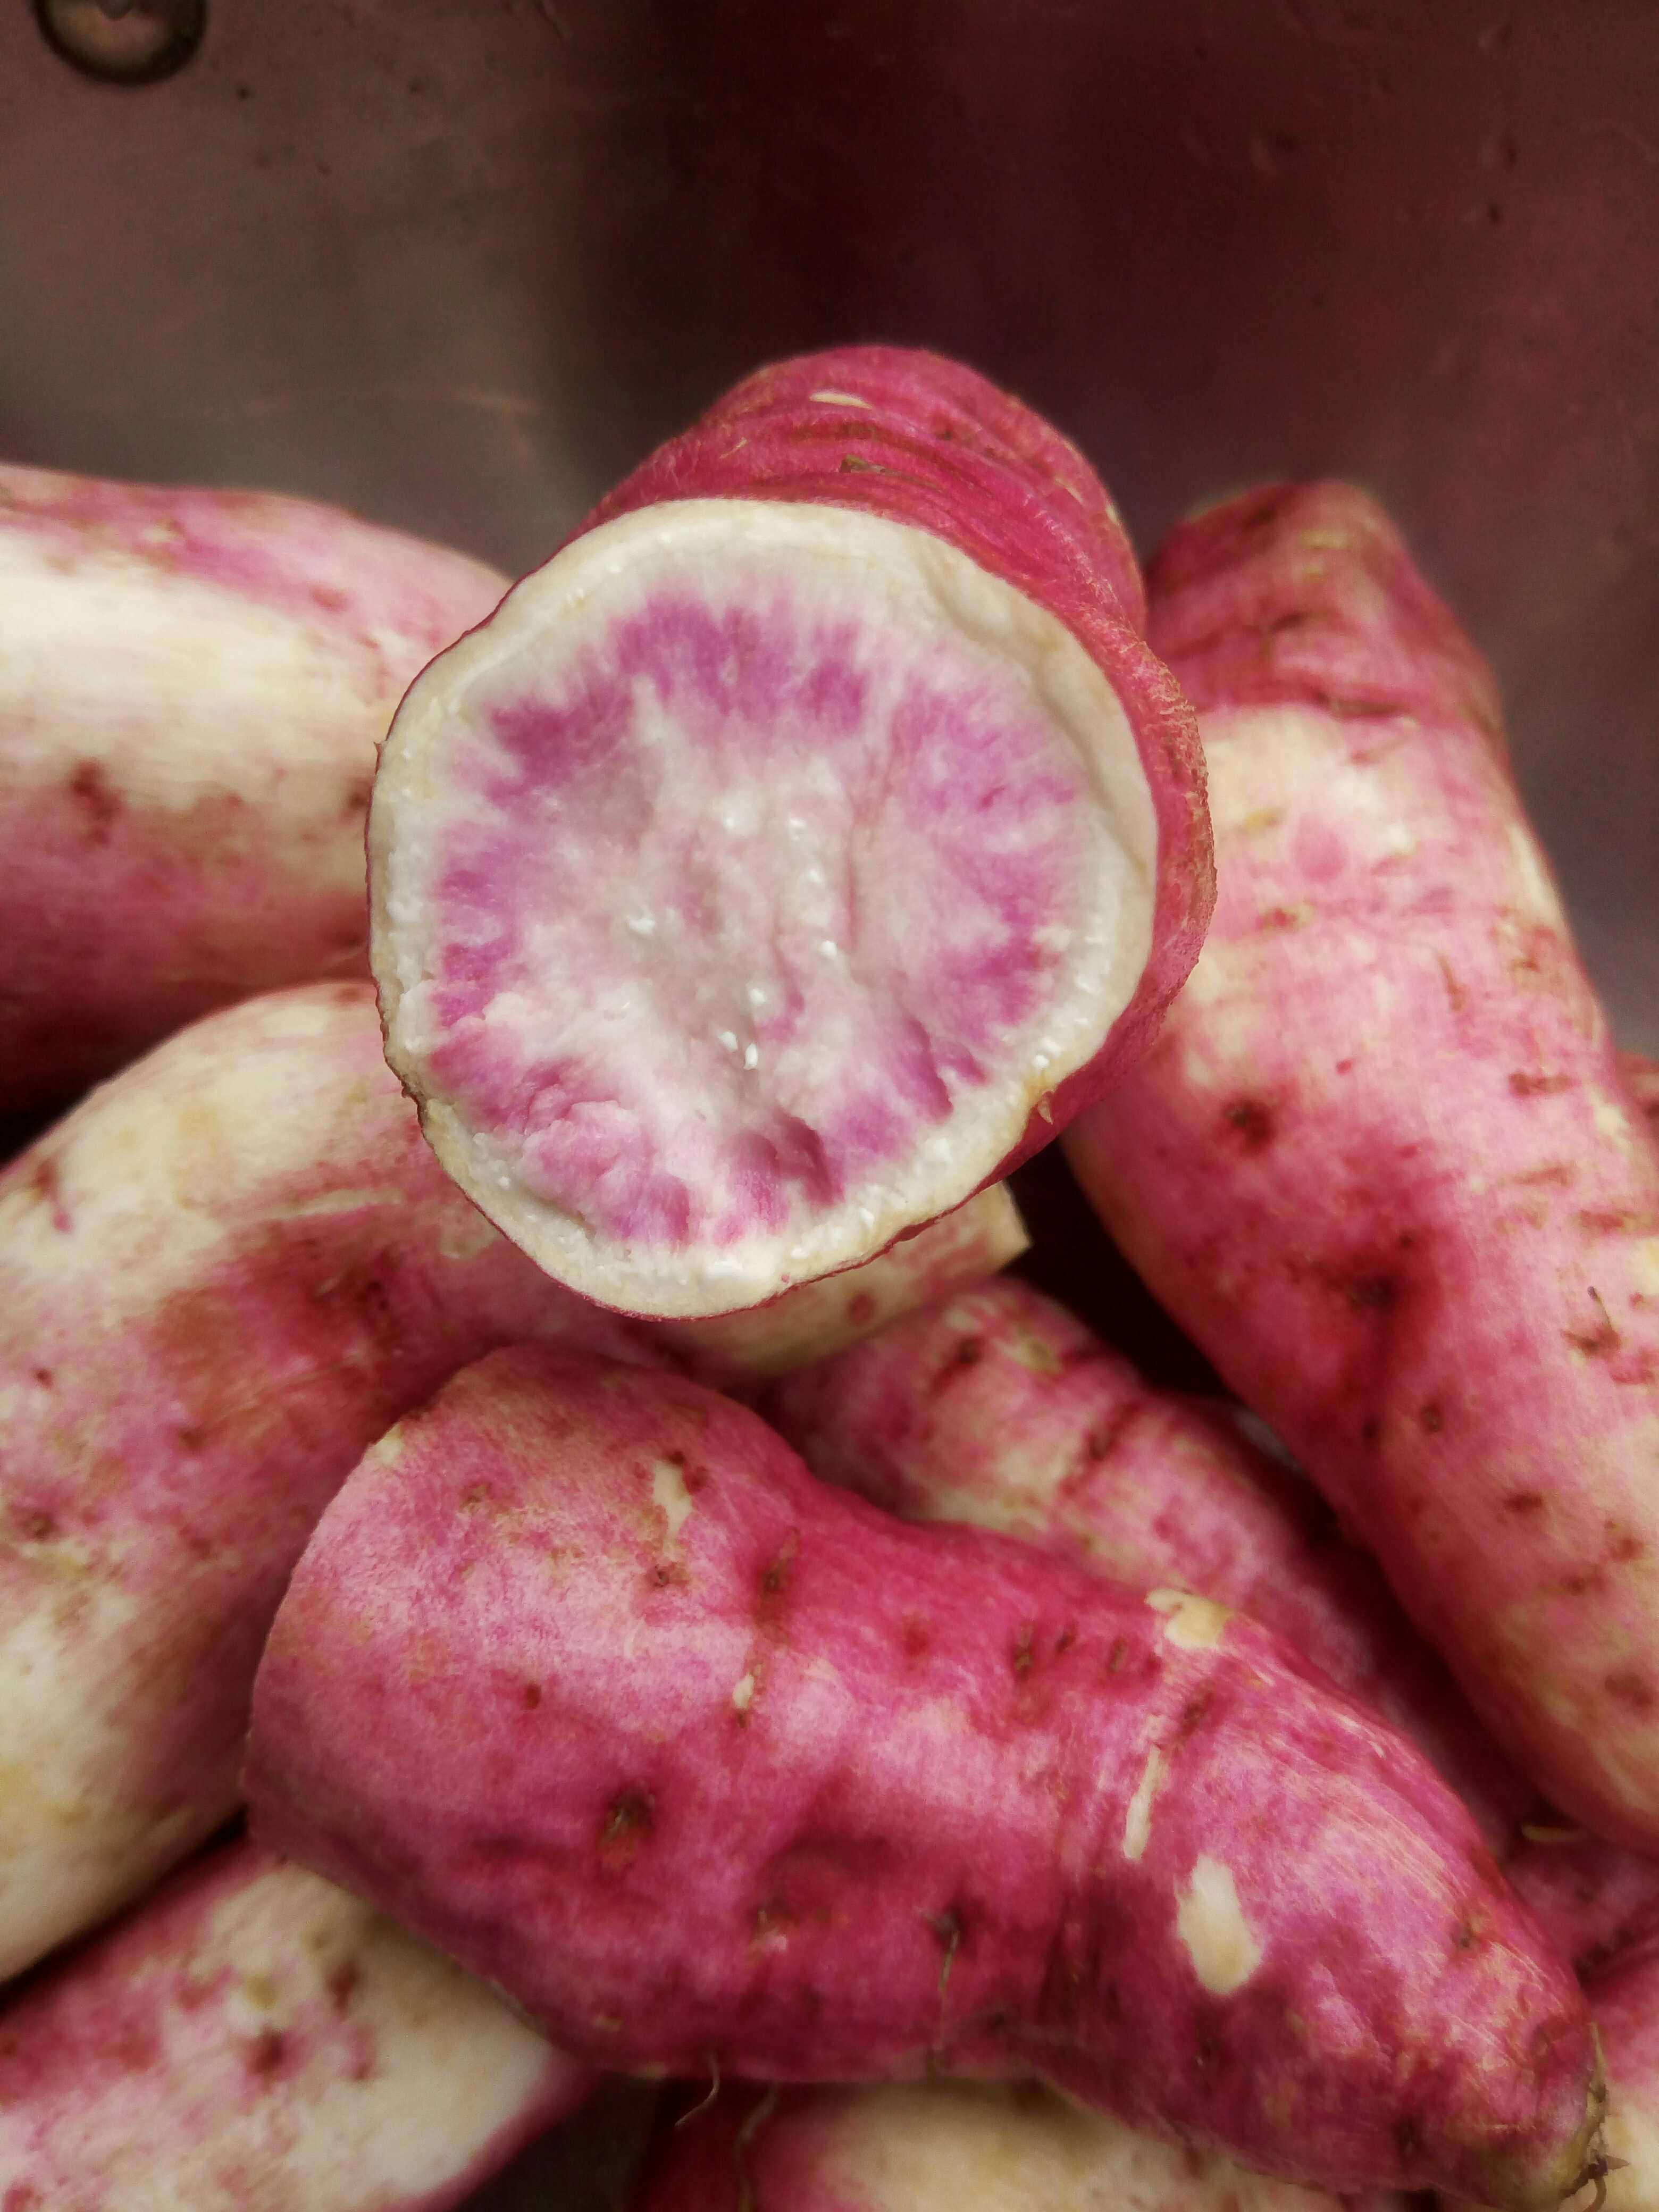 2019年山区沙地 老品种乌经苕花心红薯番薯乌红苕地瓜5斤包邮限8000张券